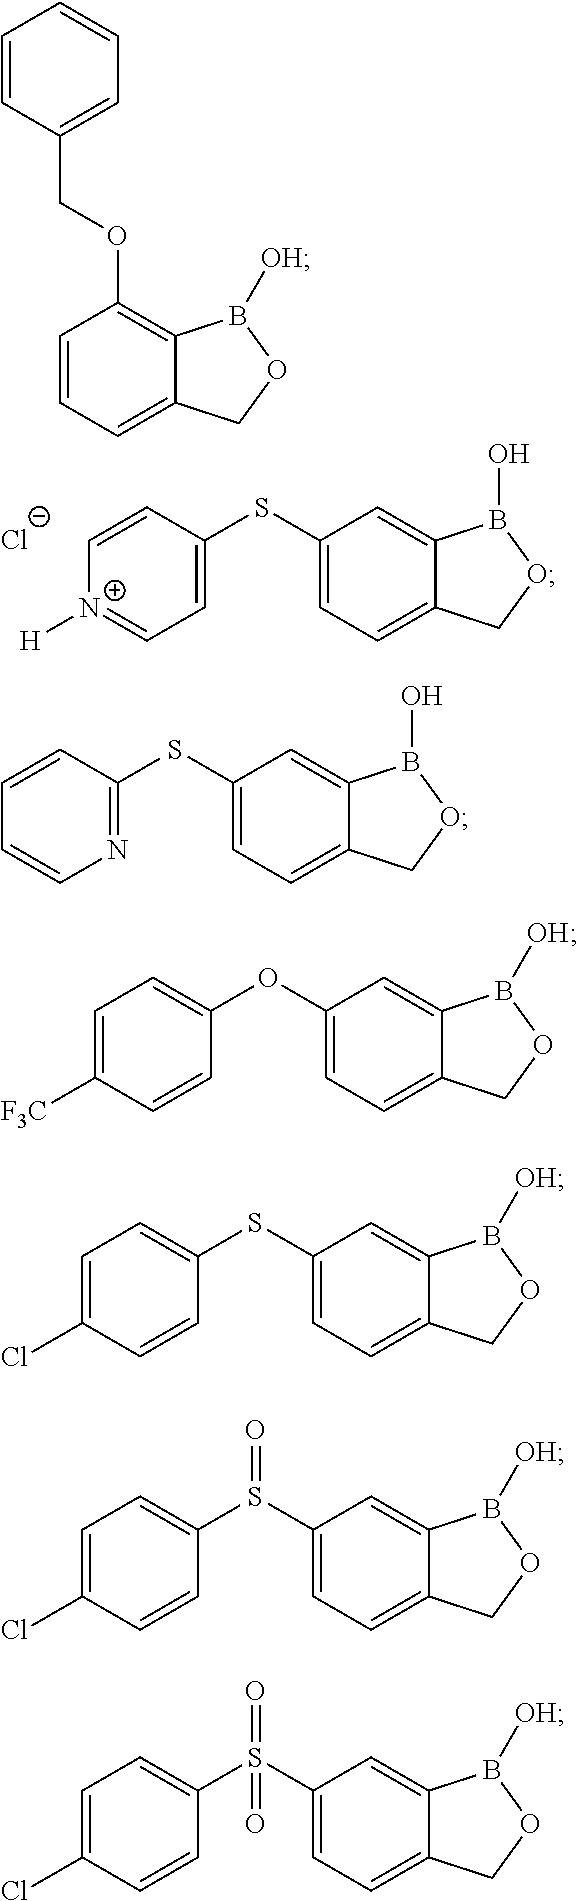 Figure US09566289-20170214-C00030